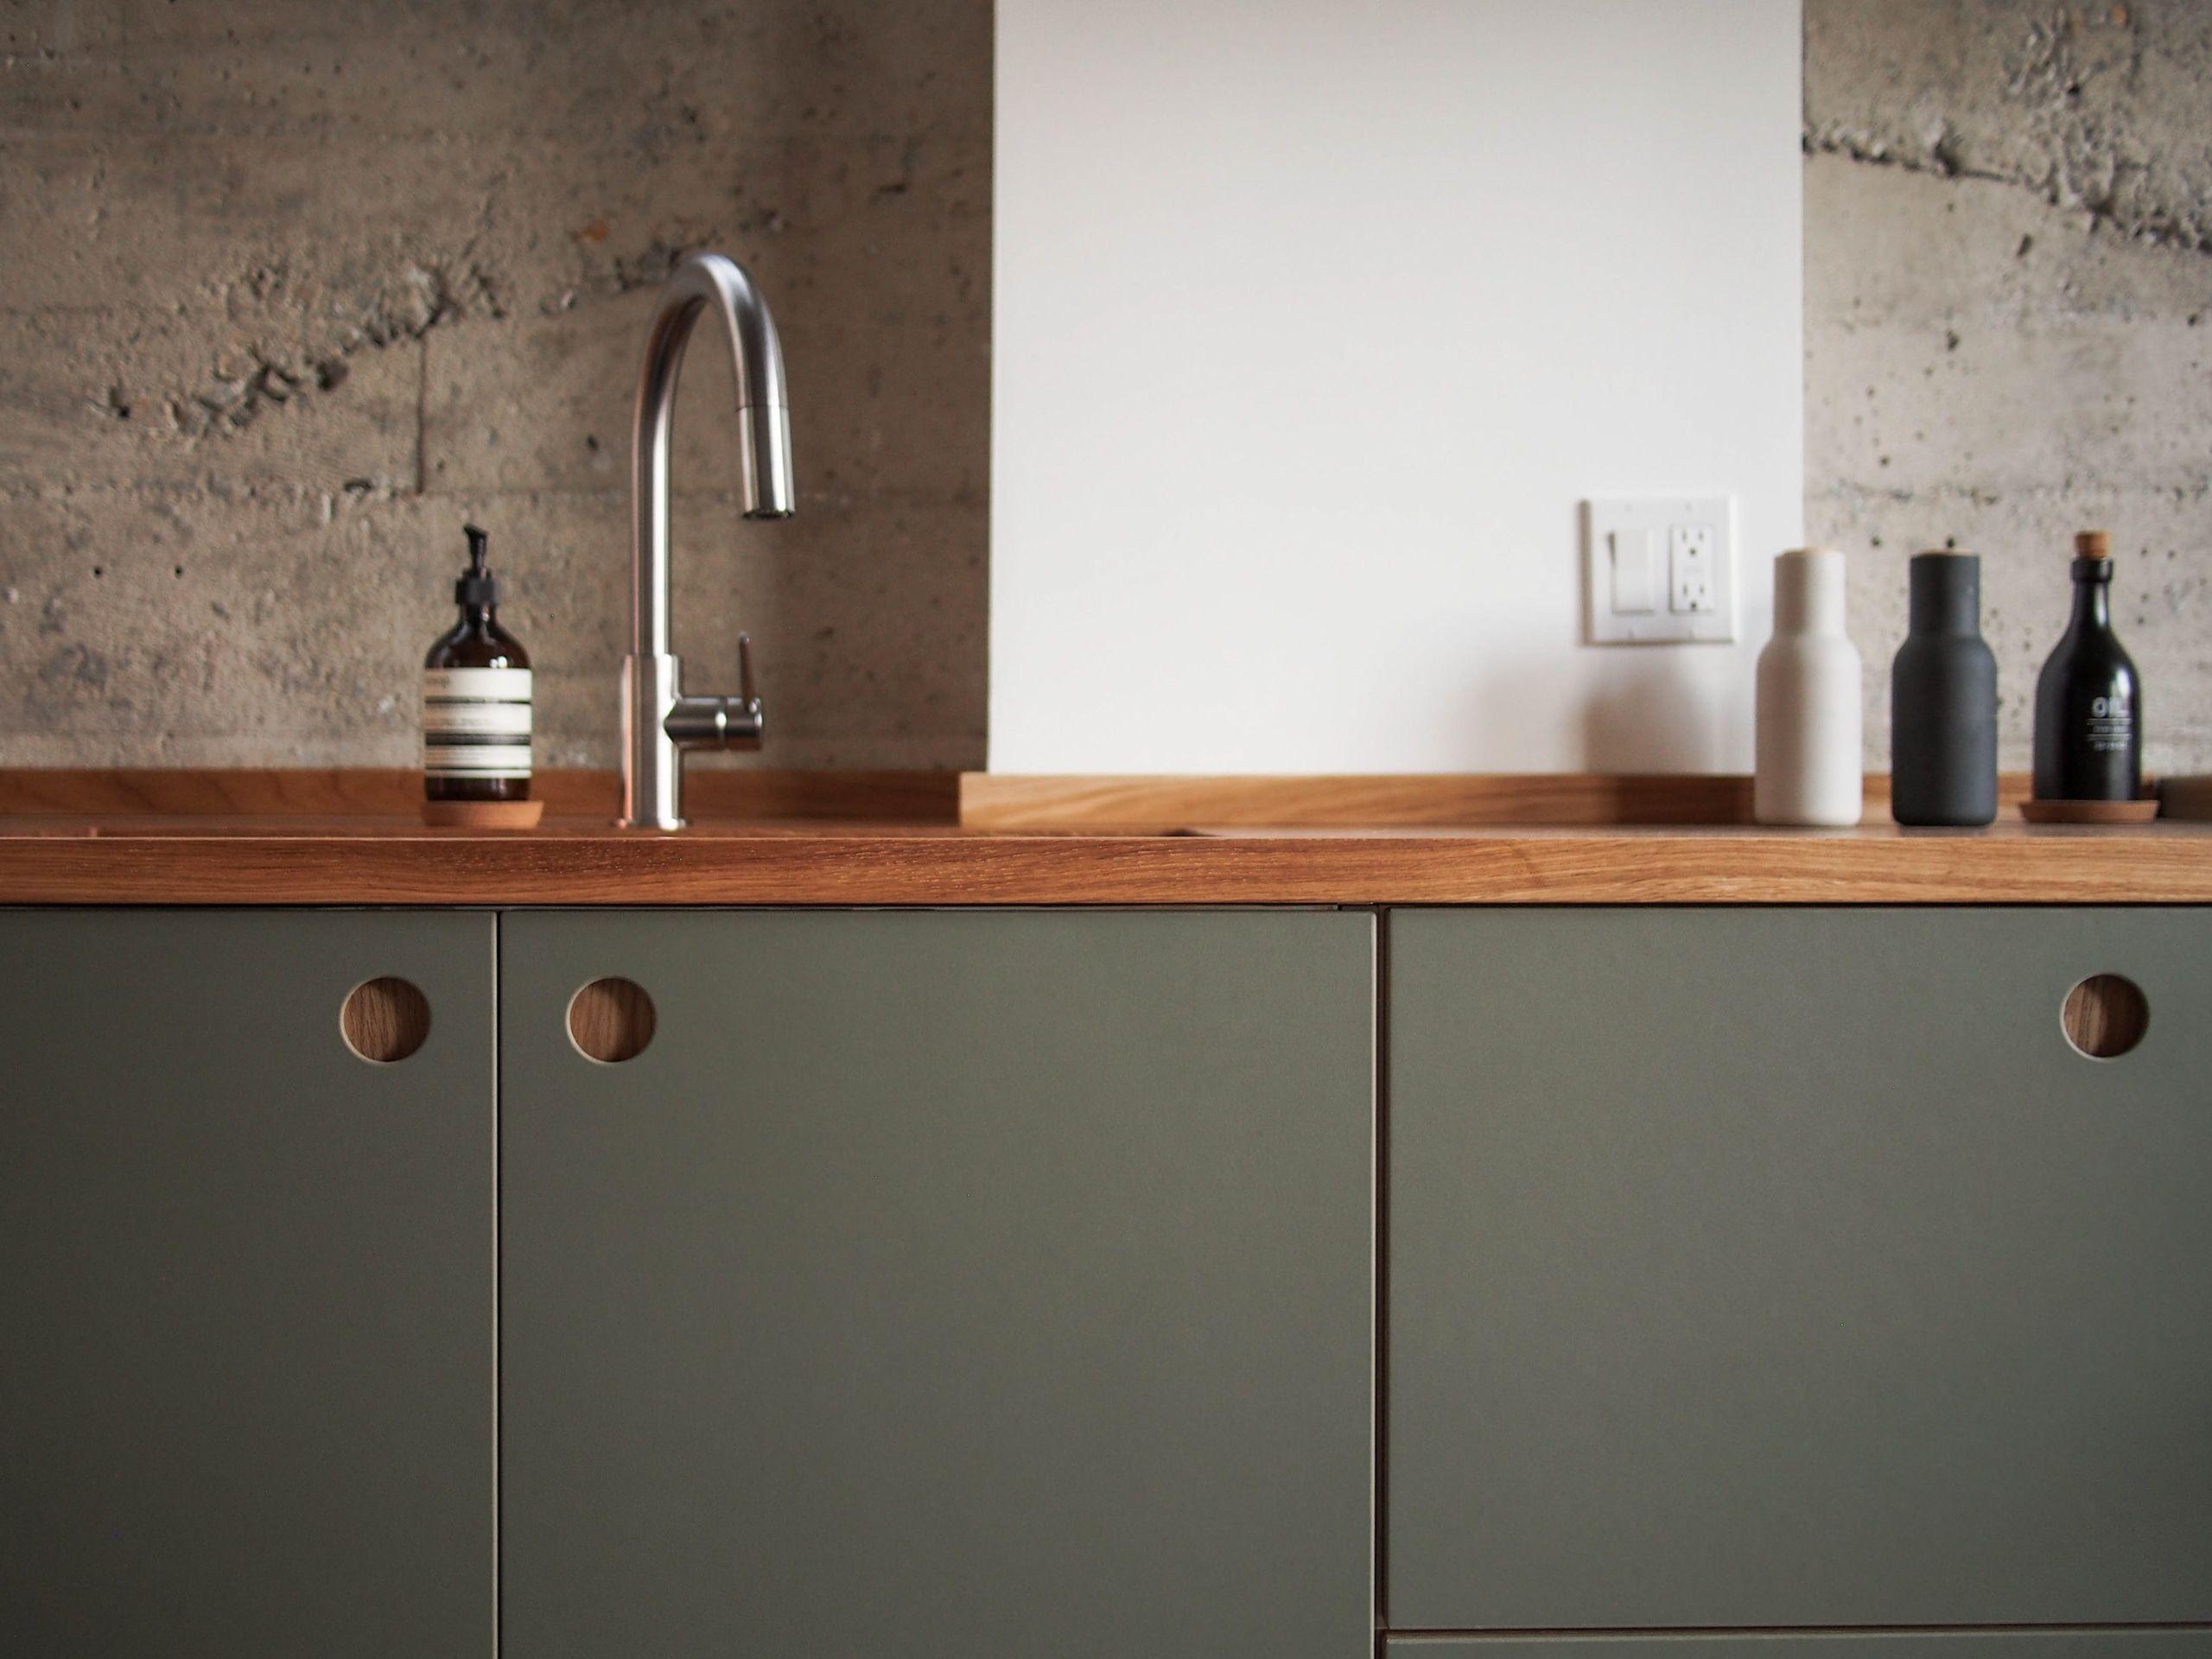 Basis Linoleum In Der Farbe Olive Mit Griffen Aus Natureiche Die Arbeitsplatte Ist Eiche Massiv Deko Tisch Kuche Farbe Kuche Beige